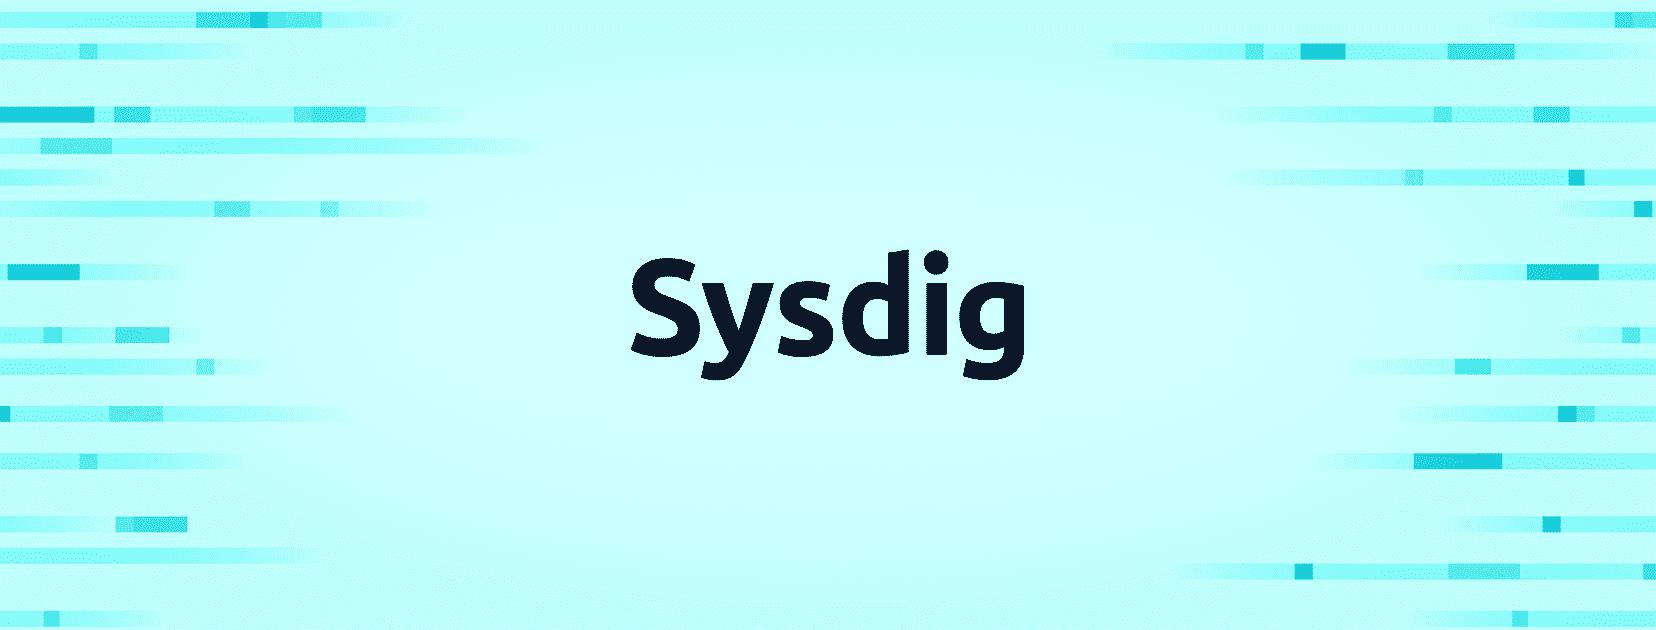 [Перевод] Доклад Sysdig об использовании контейнеров за 2019: новые сведения о Kubernetes и безопасности